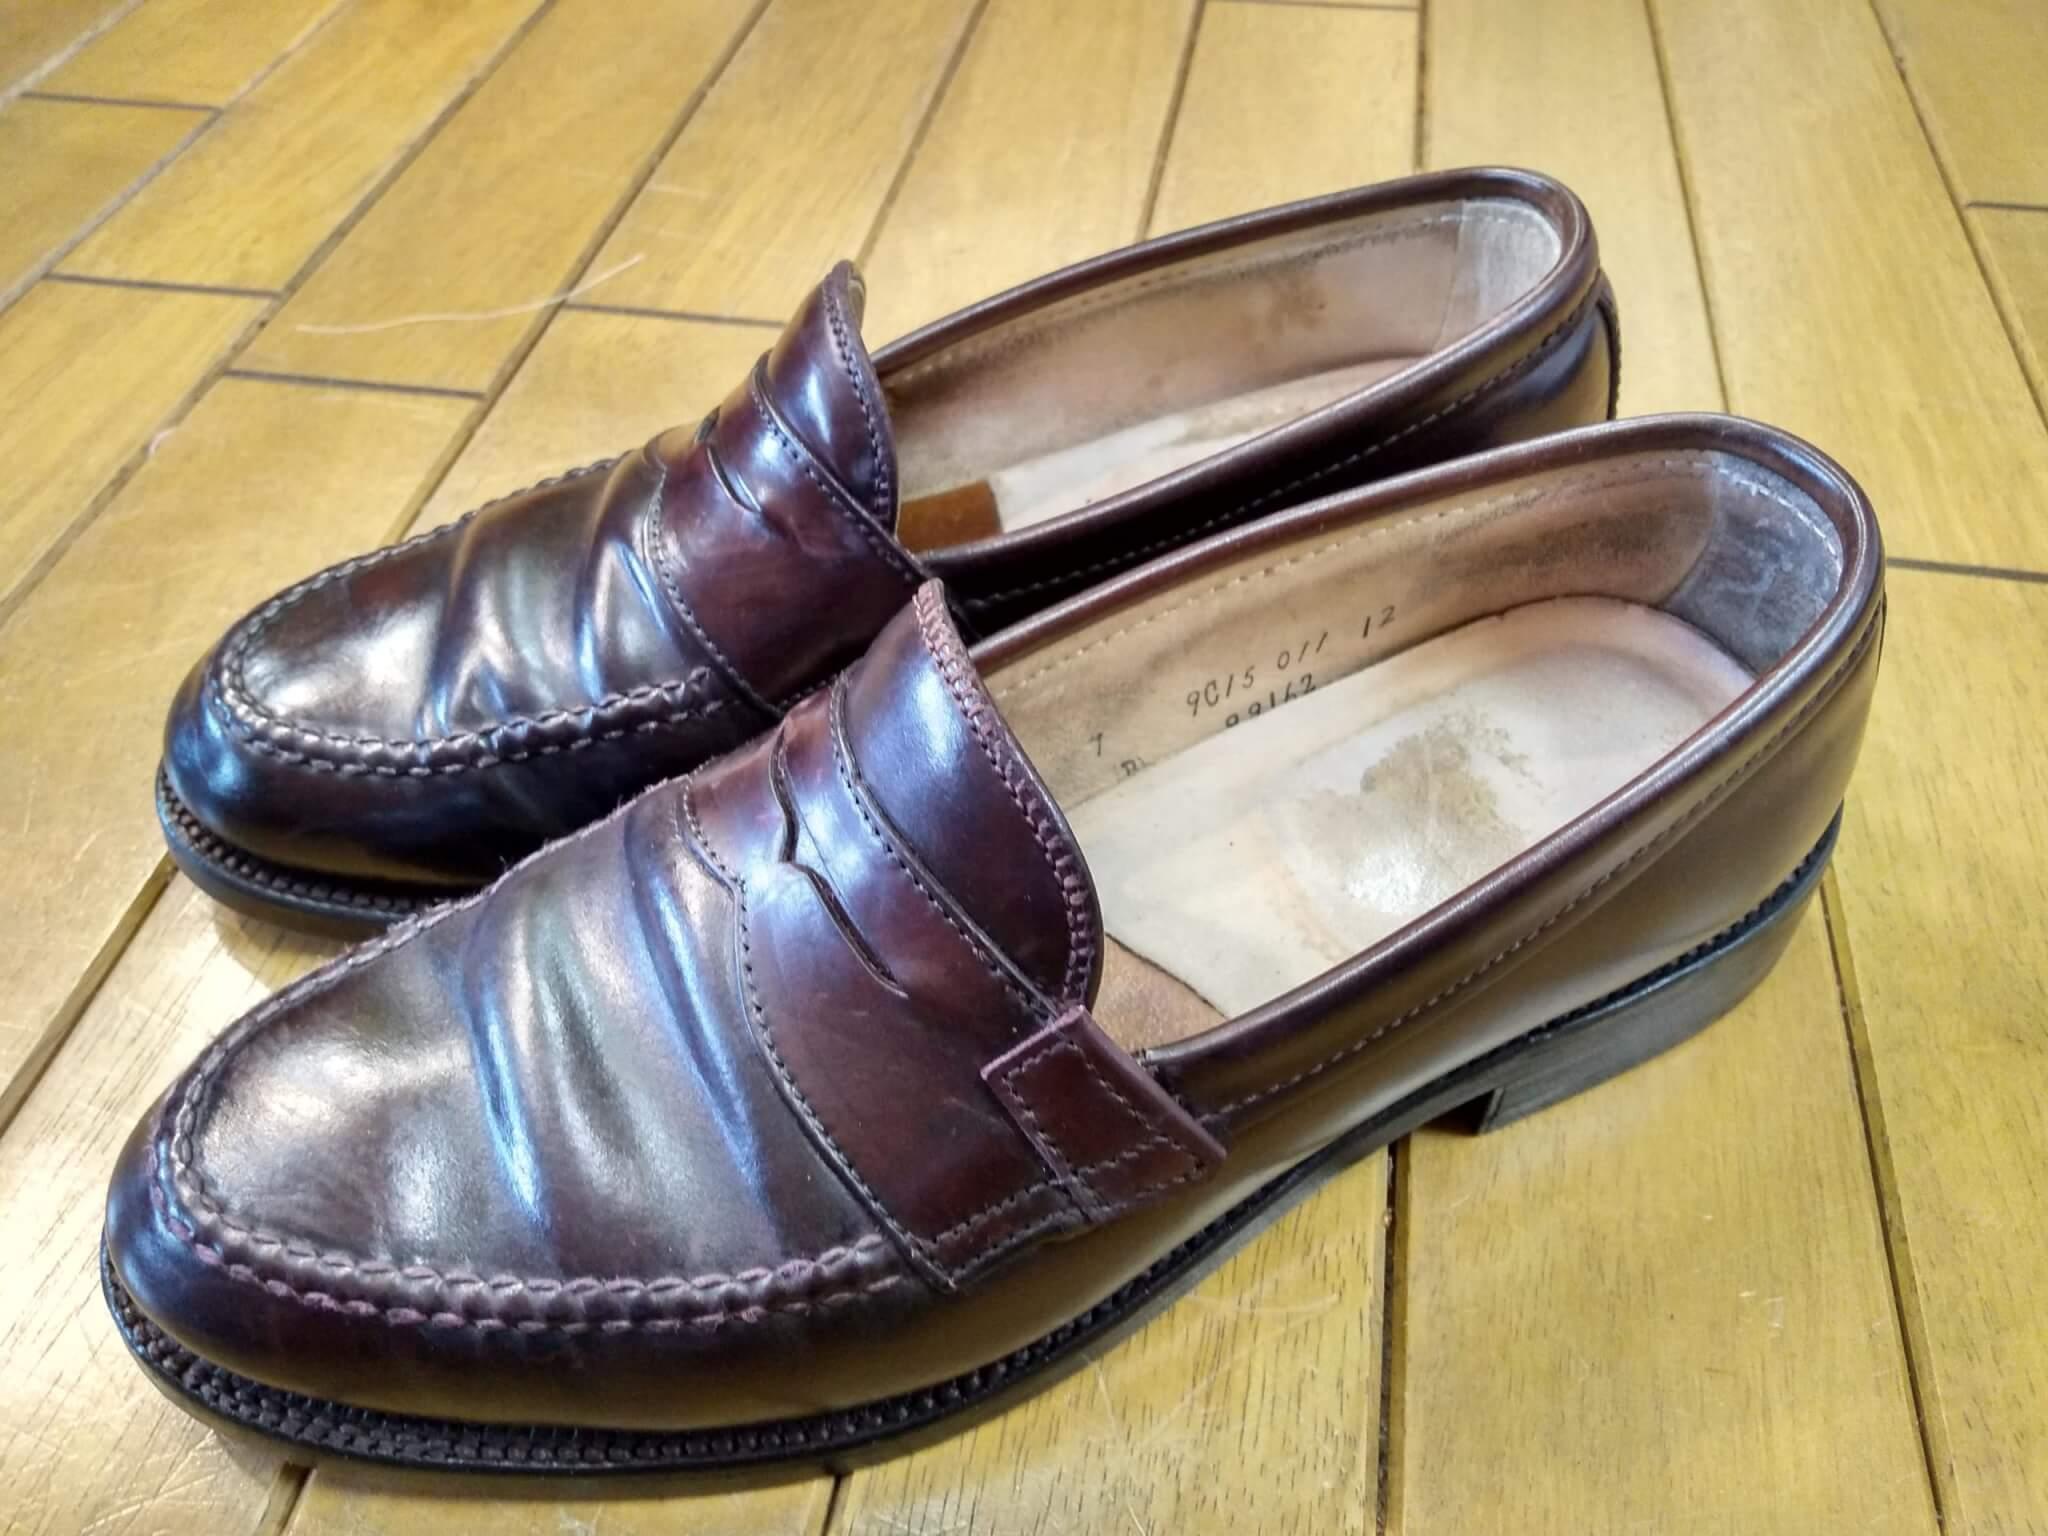 オールデンのコードバン・ローファーのオールソール&アッパー補修&ライニング補修の靴修理